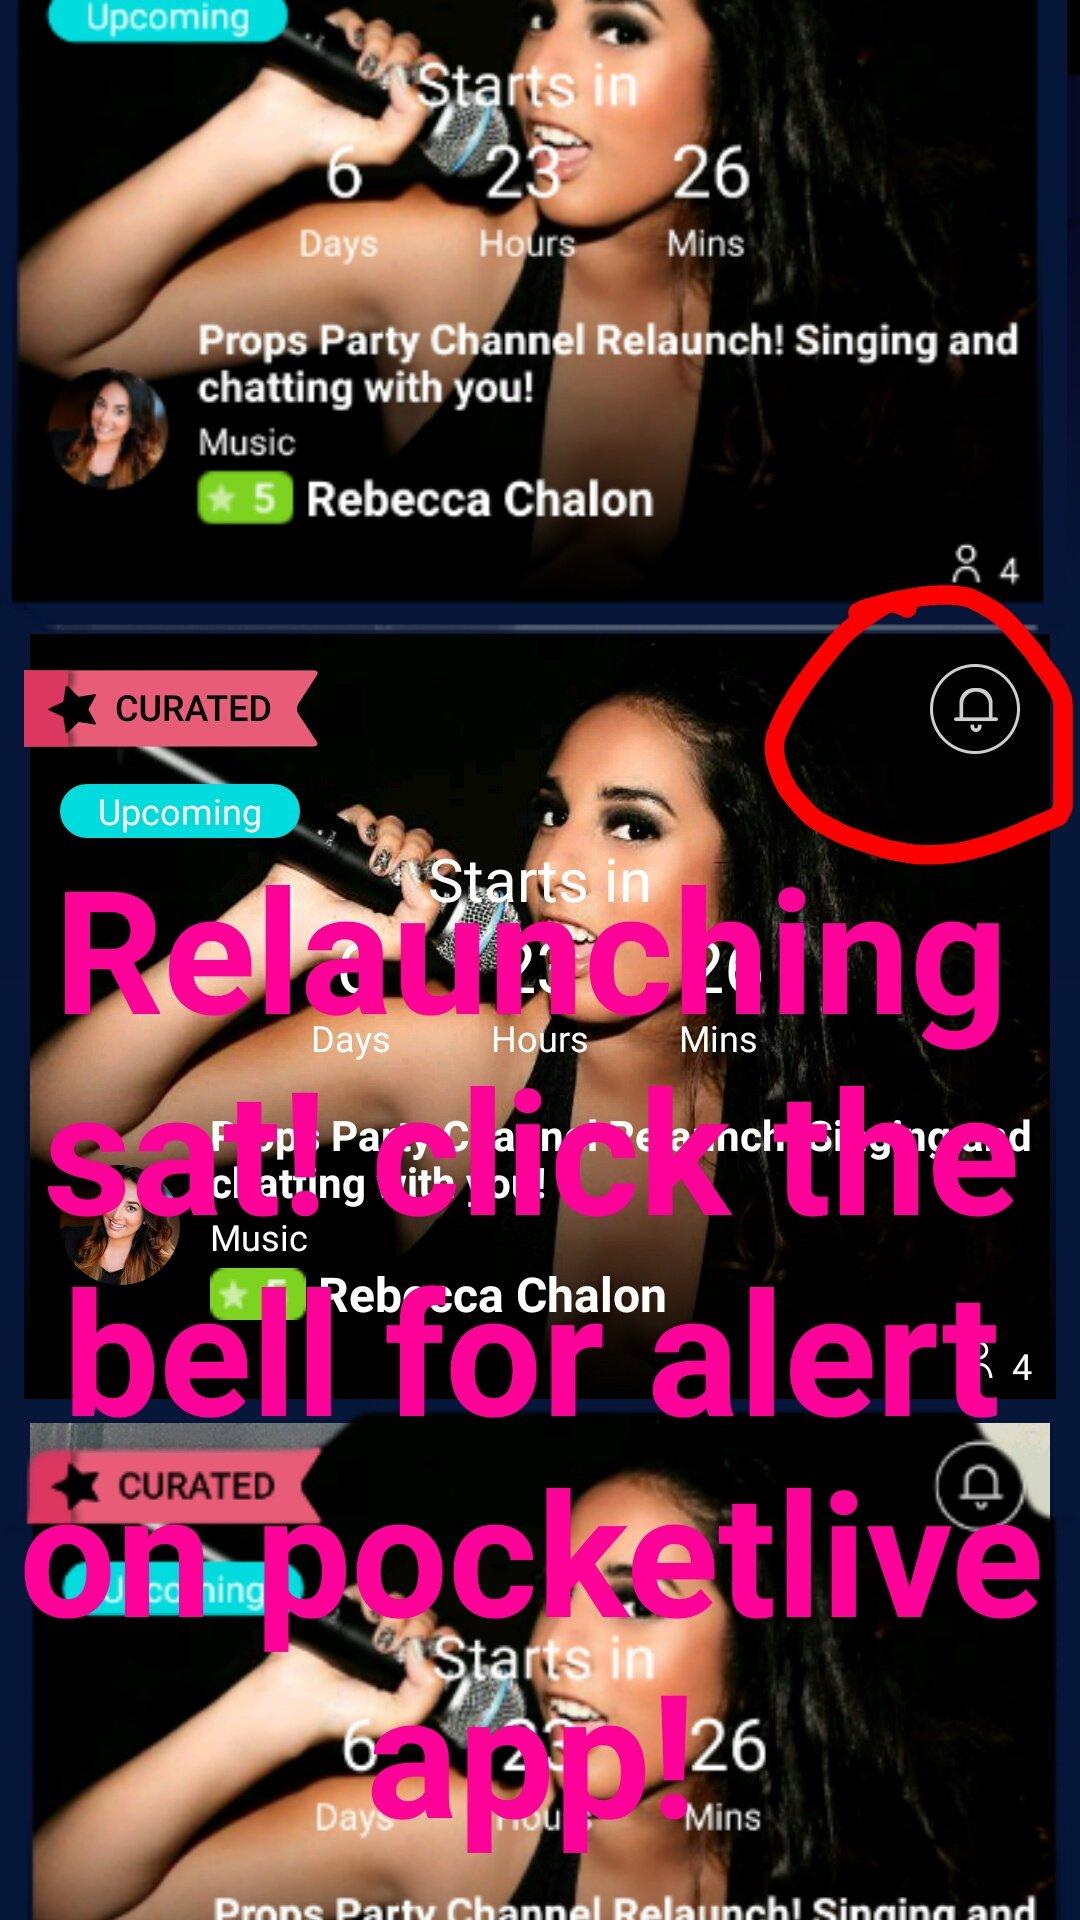 Rebecca Chalon